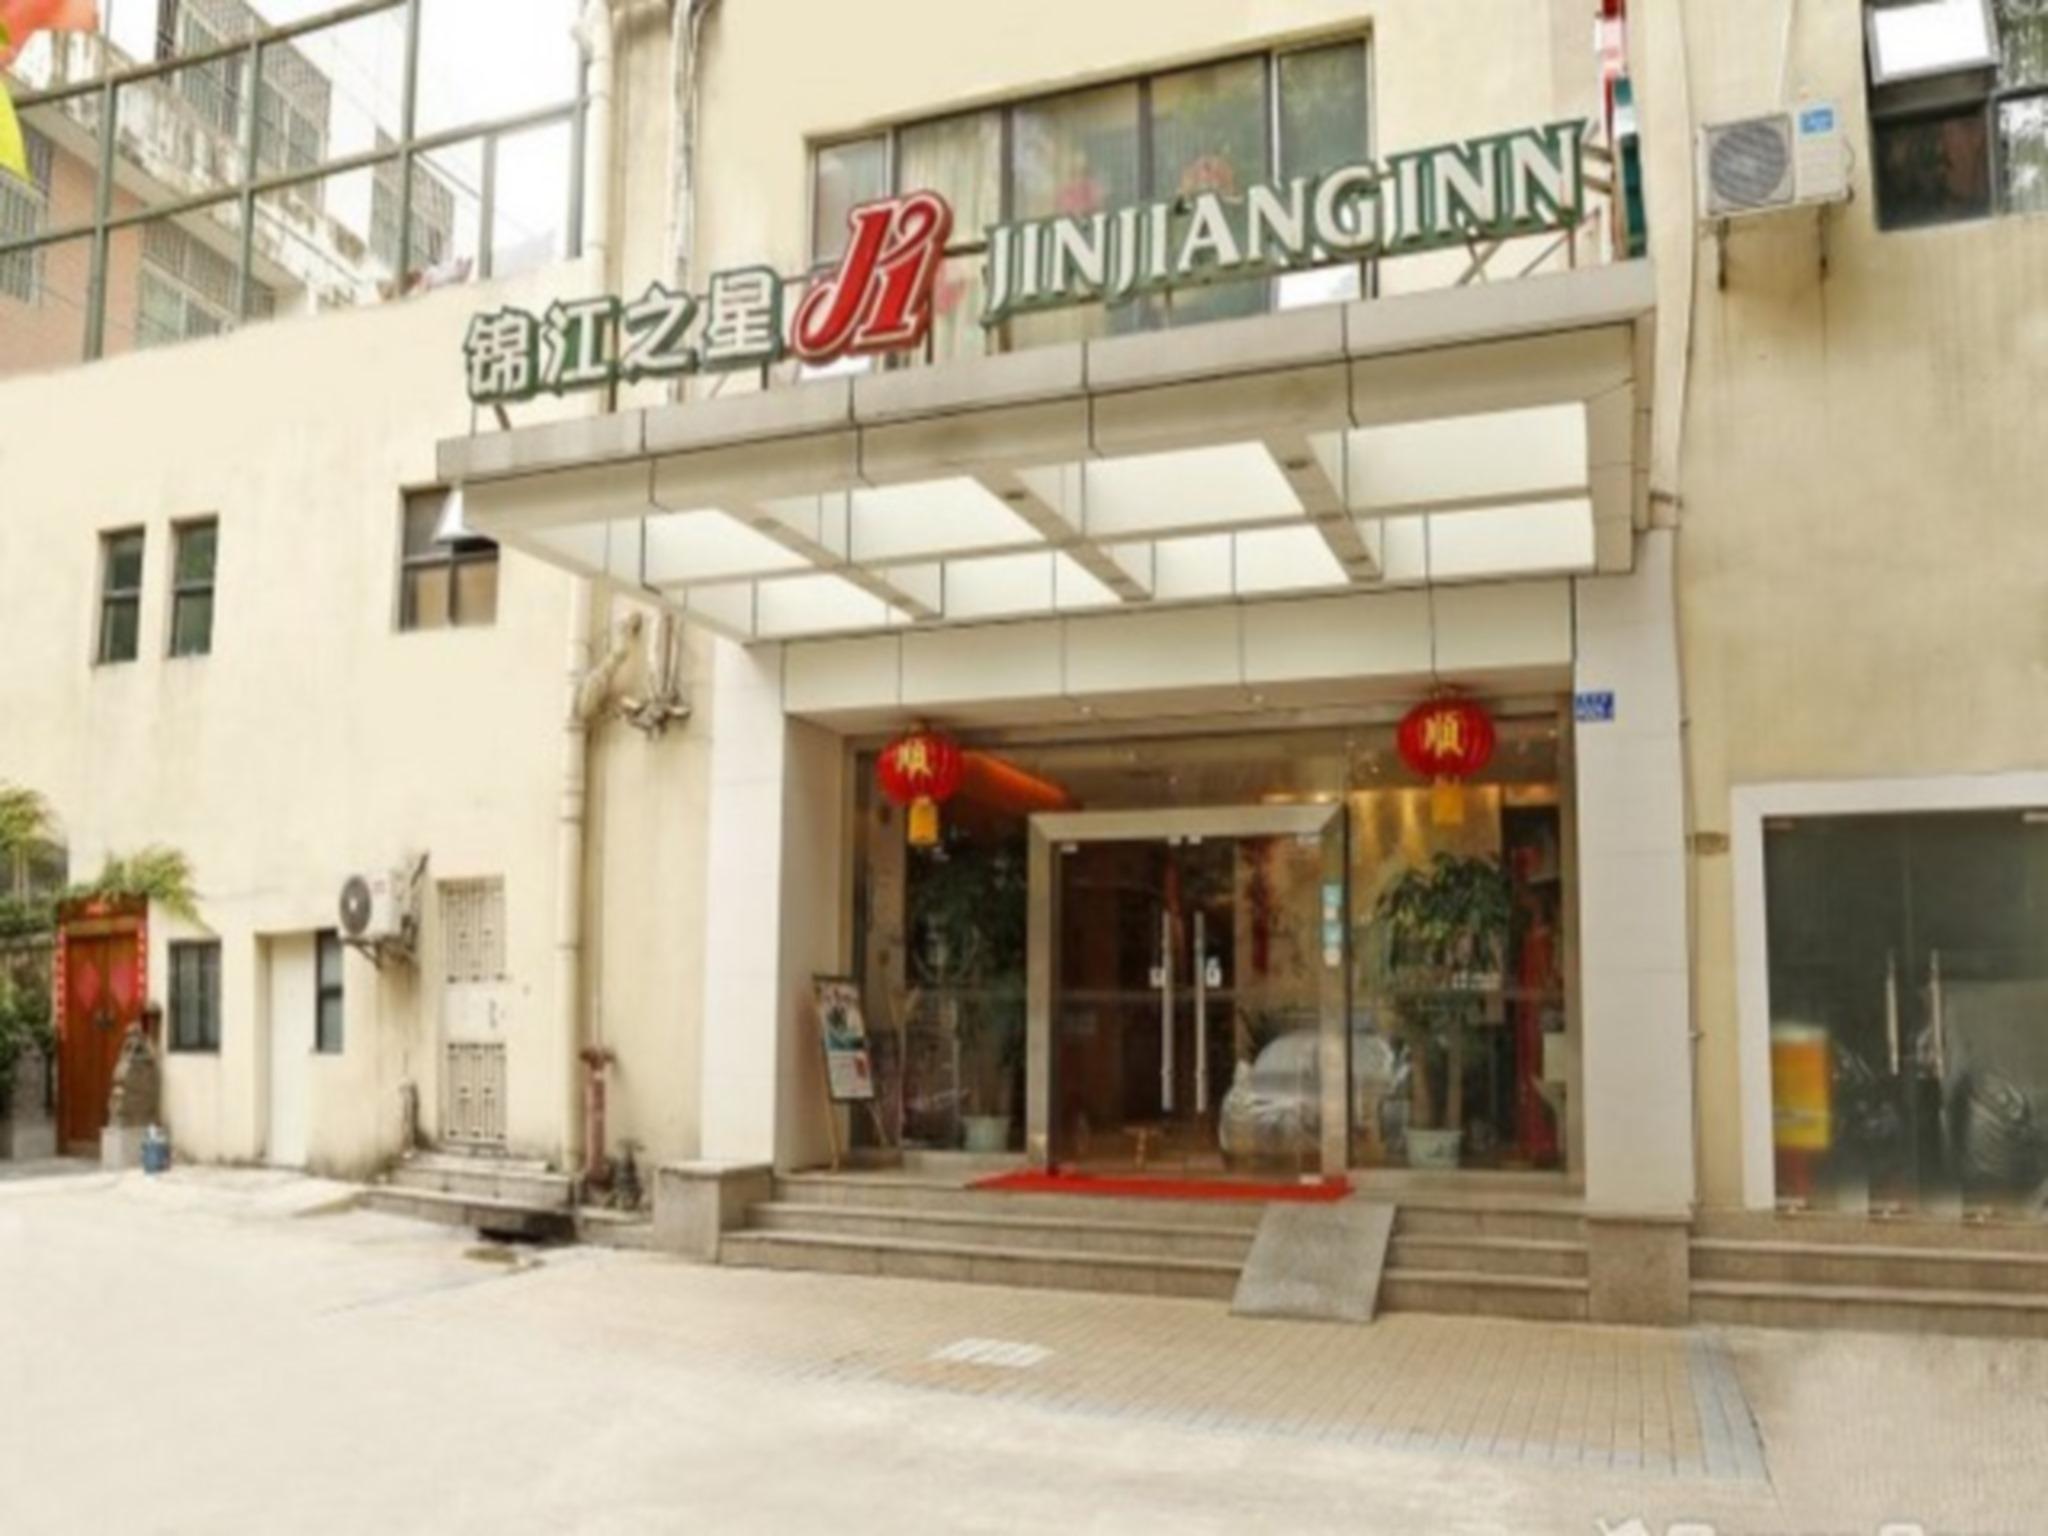 Jinjiang Inn Shenzhen Luohu Mix City Branch - Luohu District. Shenzhen. Guangdong. China booking and map.